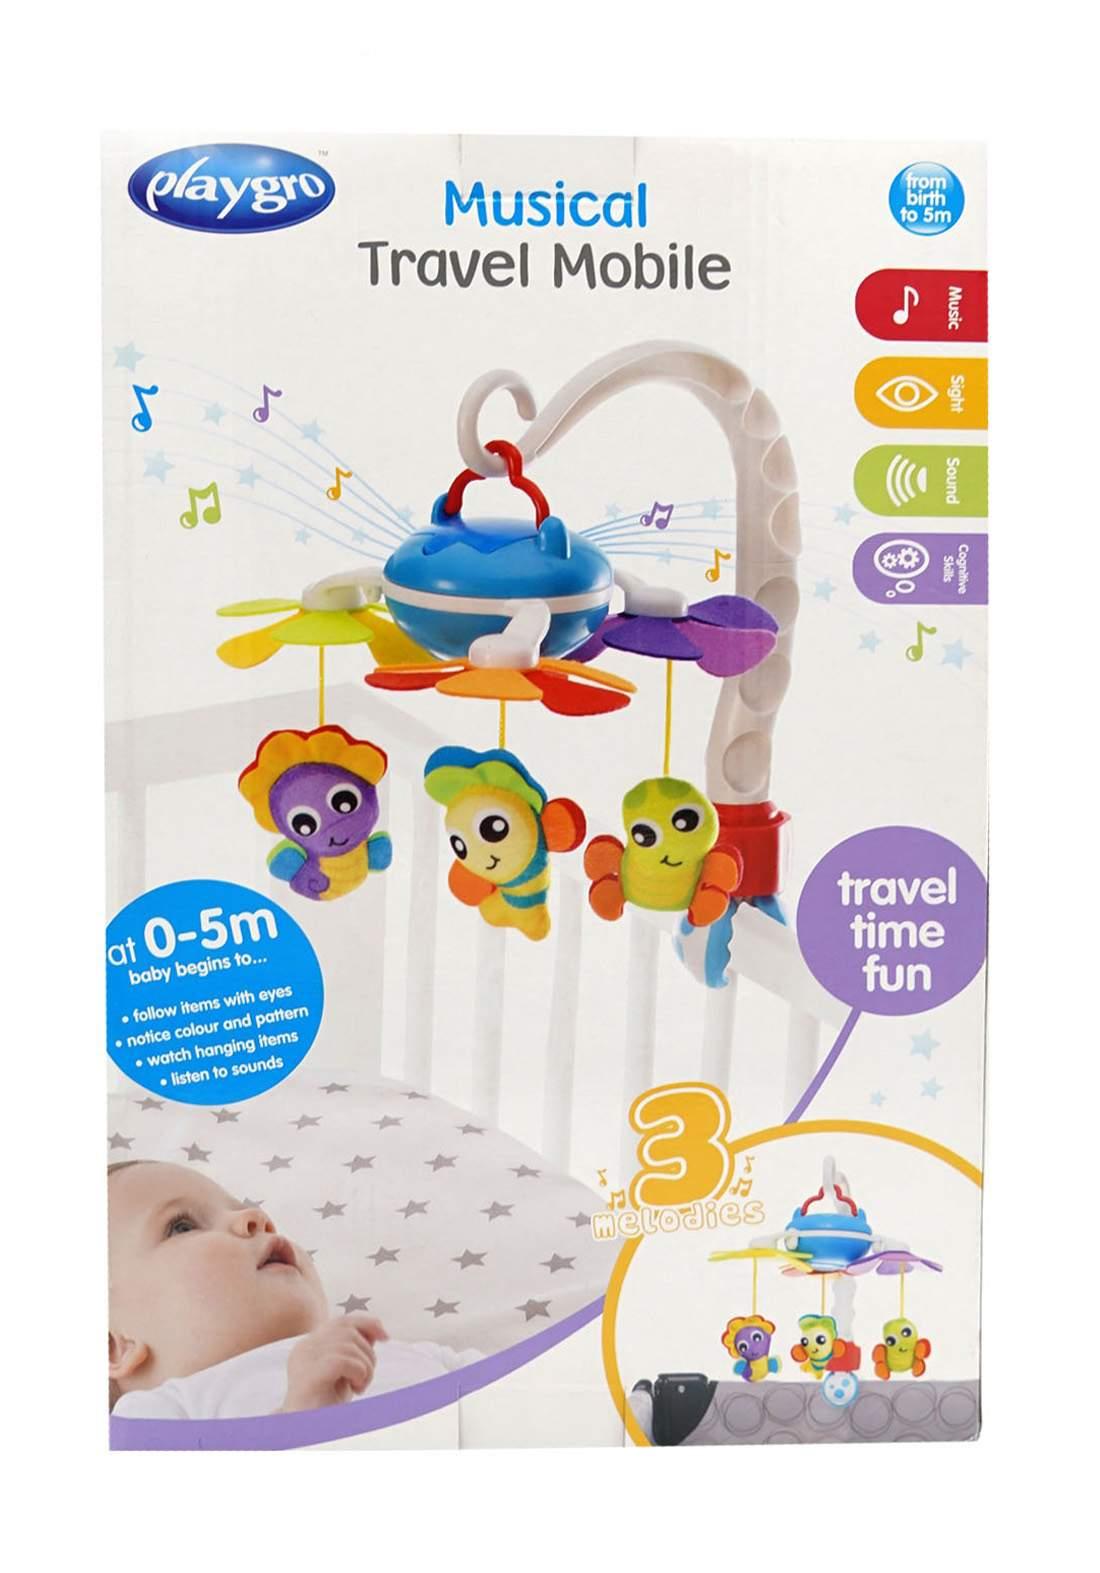 Playgro( 0-5m) Musical Garden Travel Mobile 3 Melodies لعبة أطفال معلقة